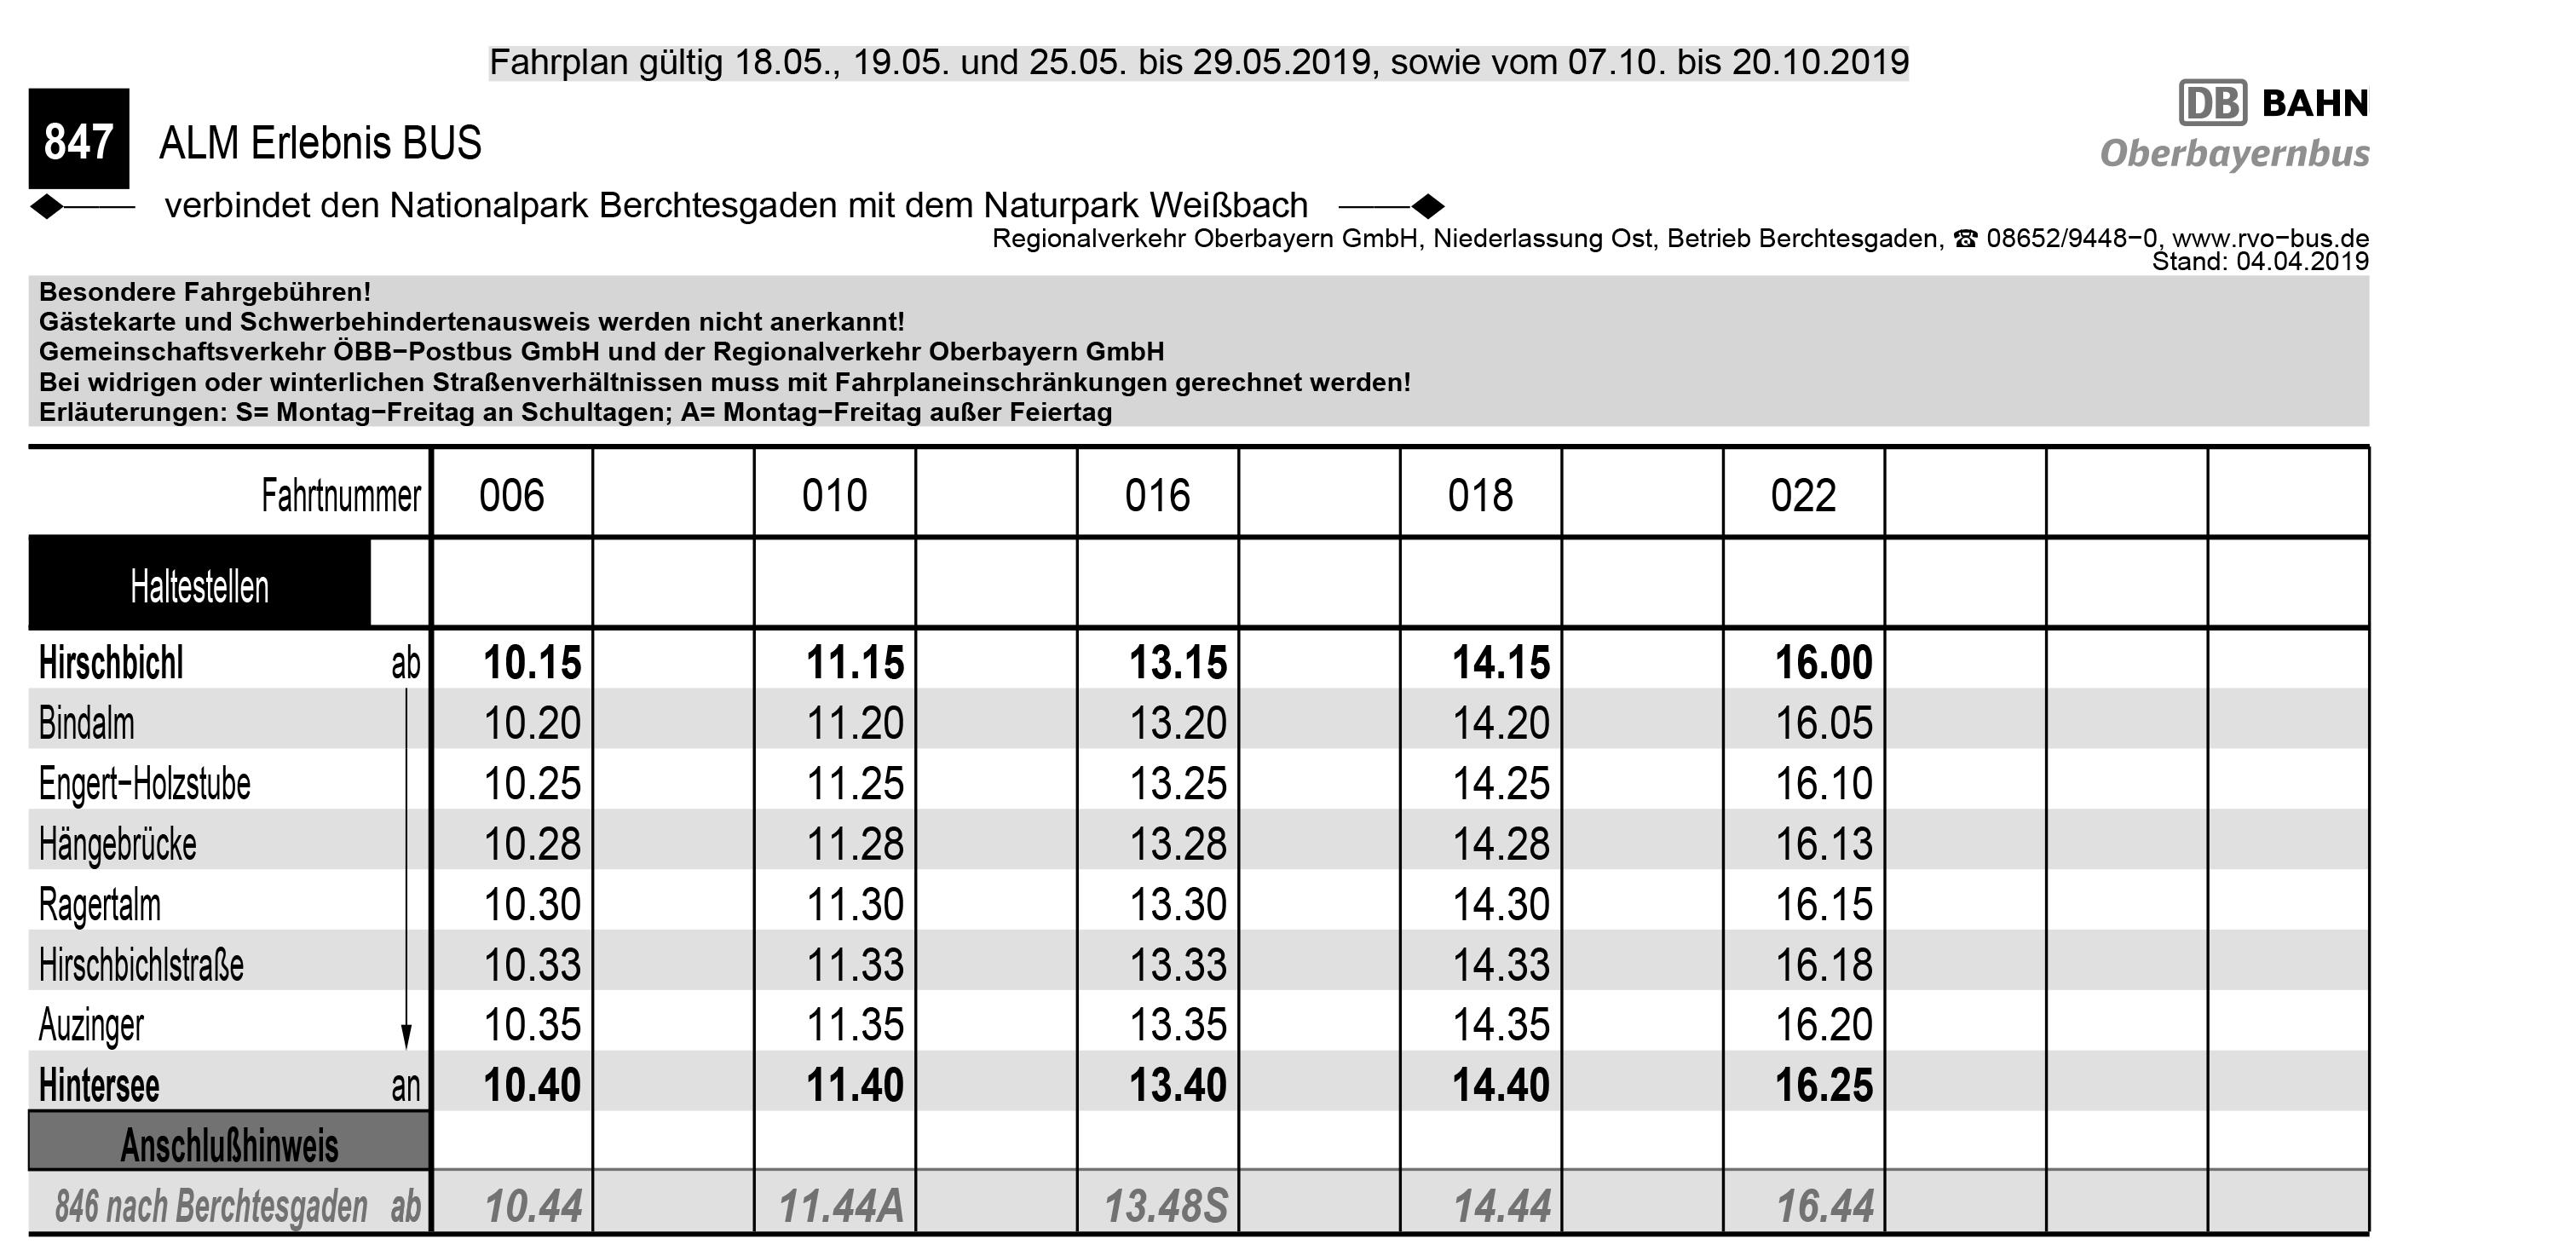 Fahrplan Almerlebnisbus 2019 Nachsaison 2